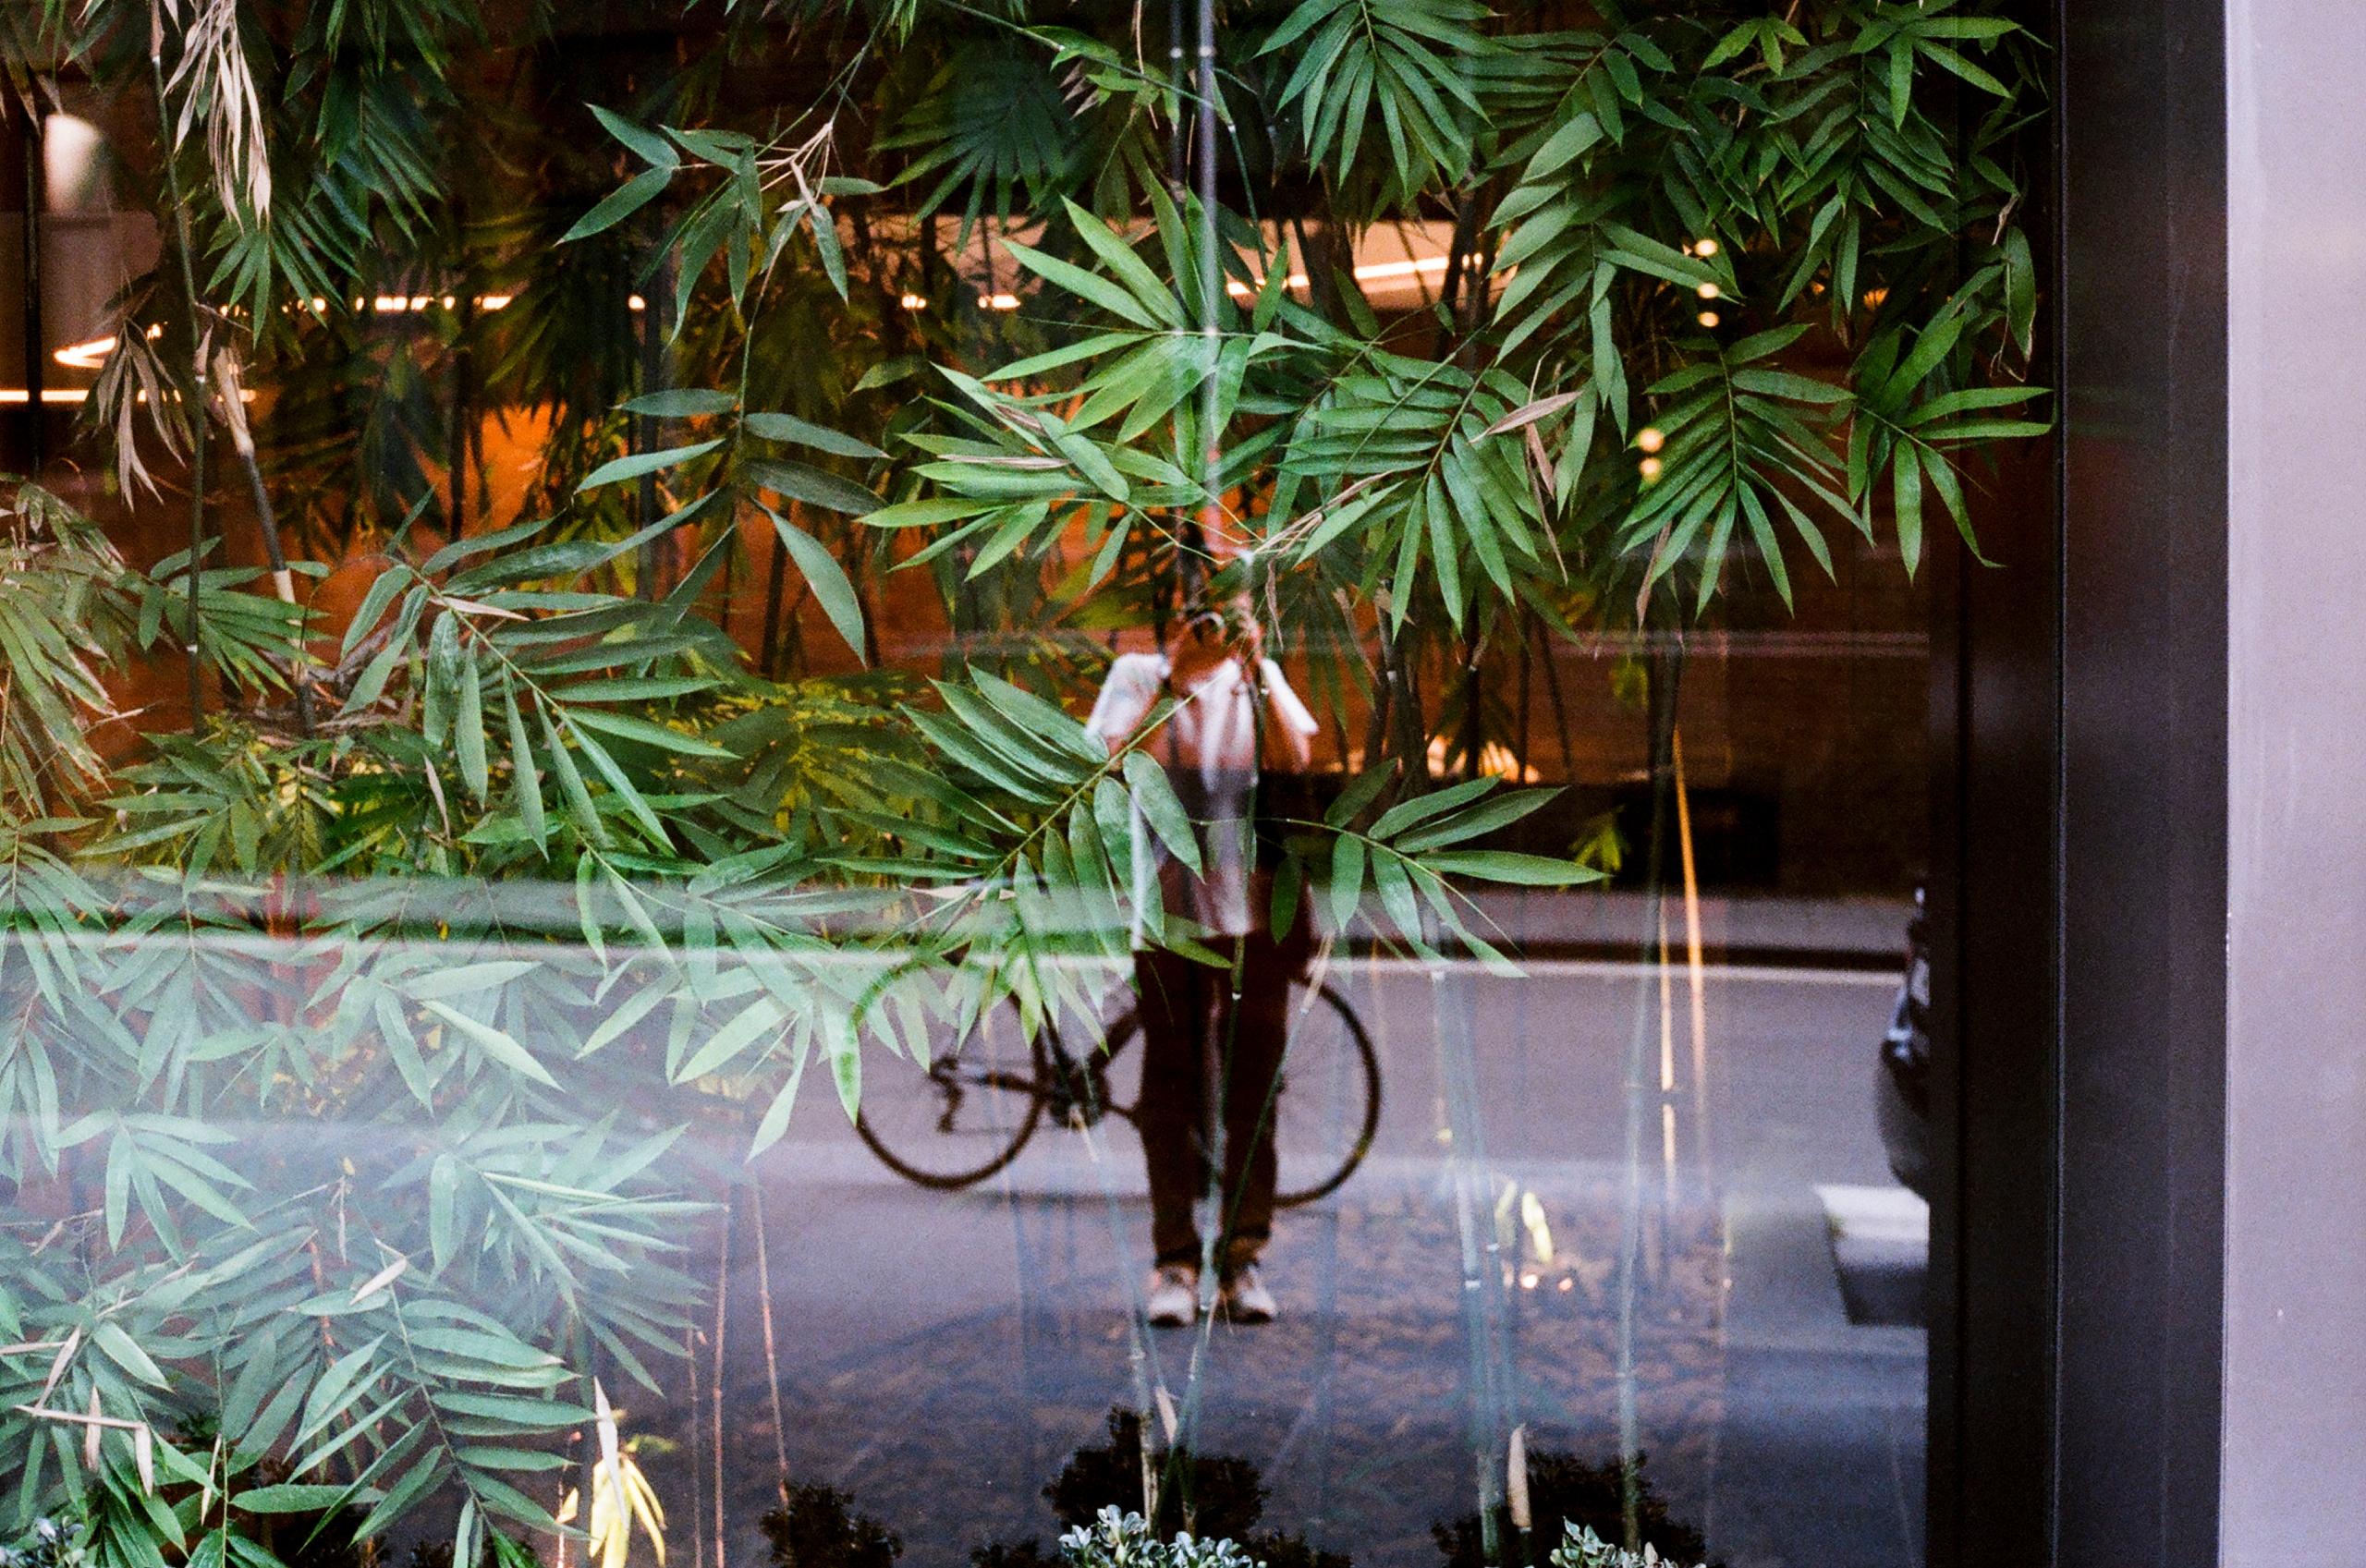 portrait plants - okblake | ello